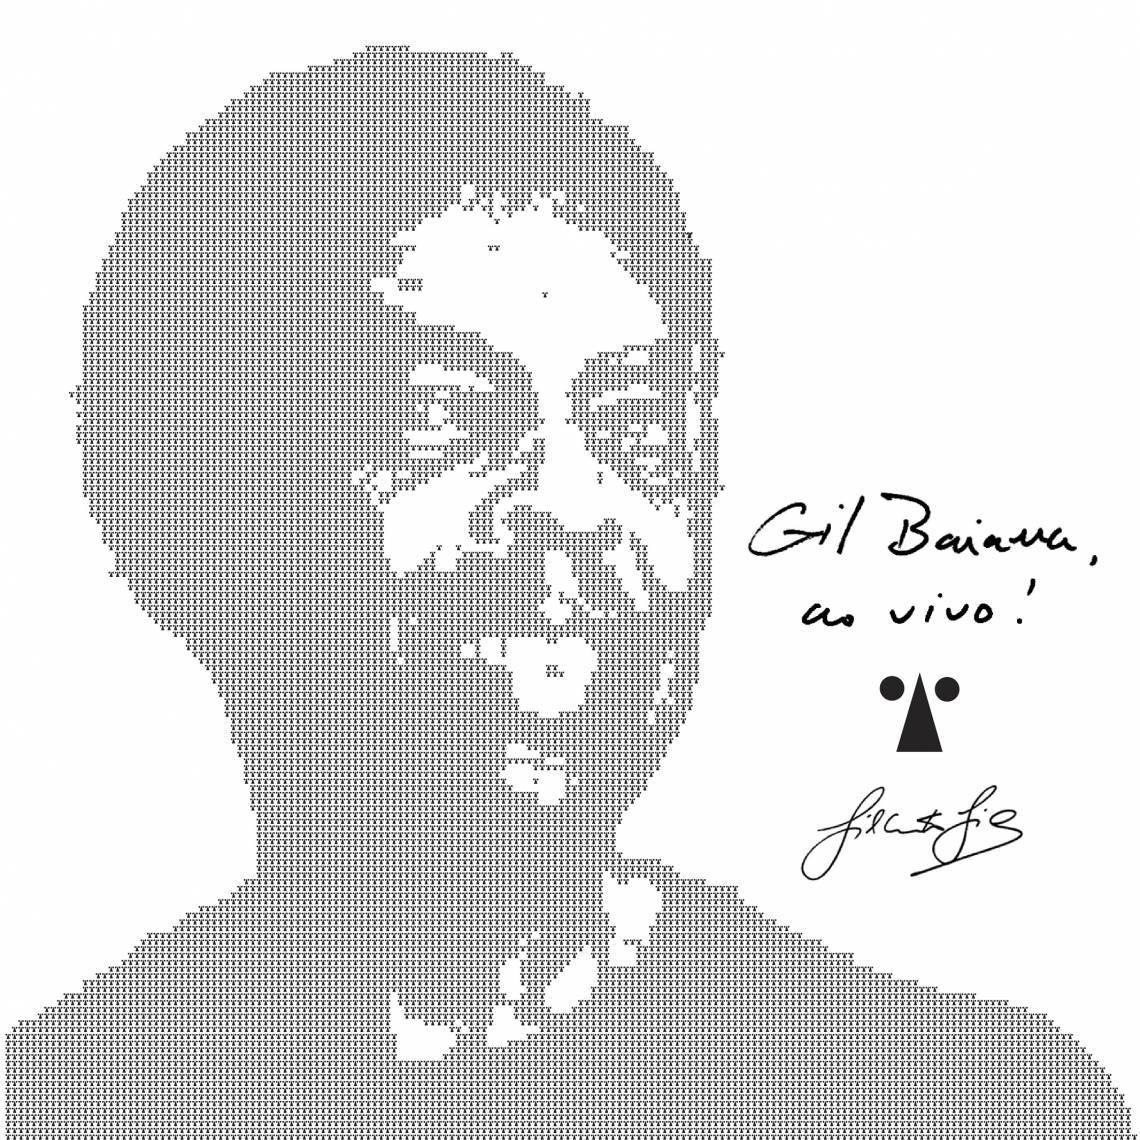 O projeto gráfico do disco Gil Baiana é de Cartaxo, com ilustração sobre foto de Daryan Dornelles